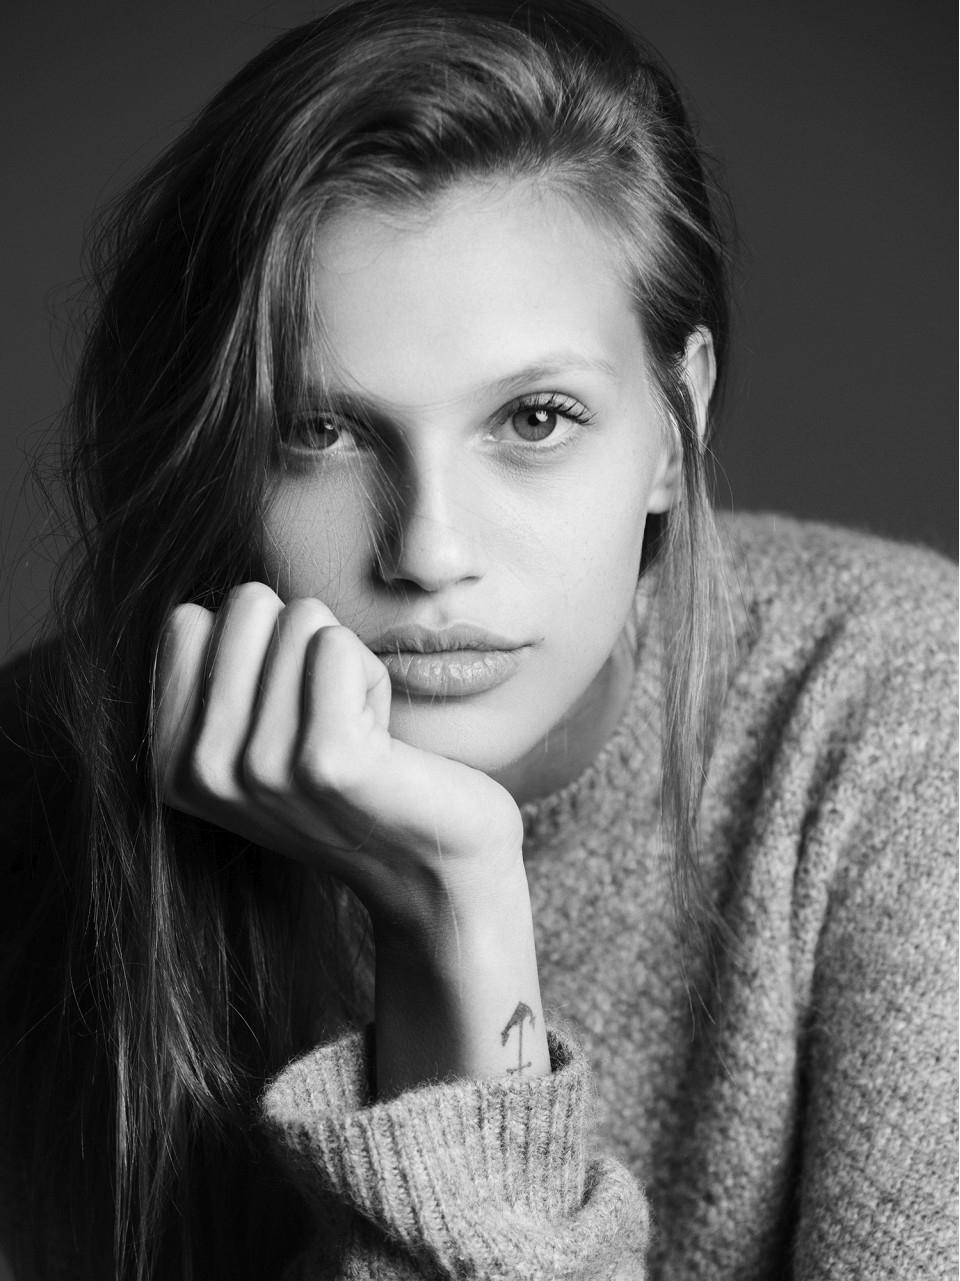 Gabrielle Caunesil